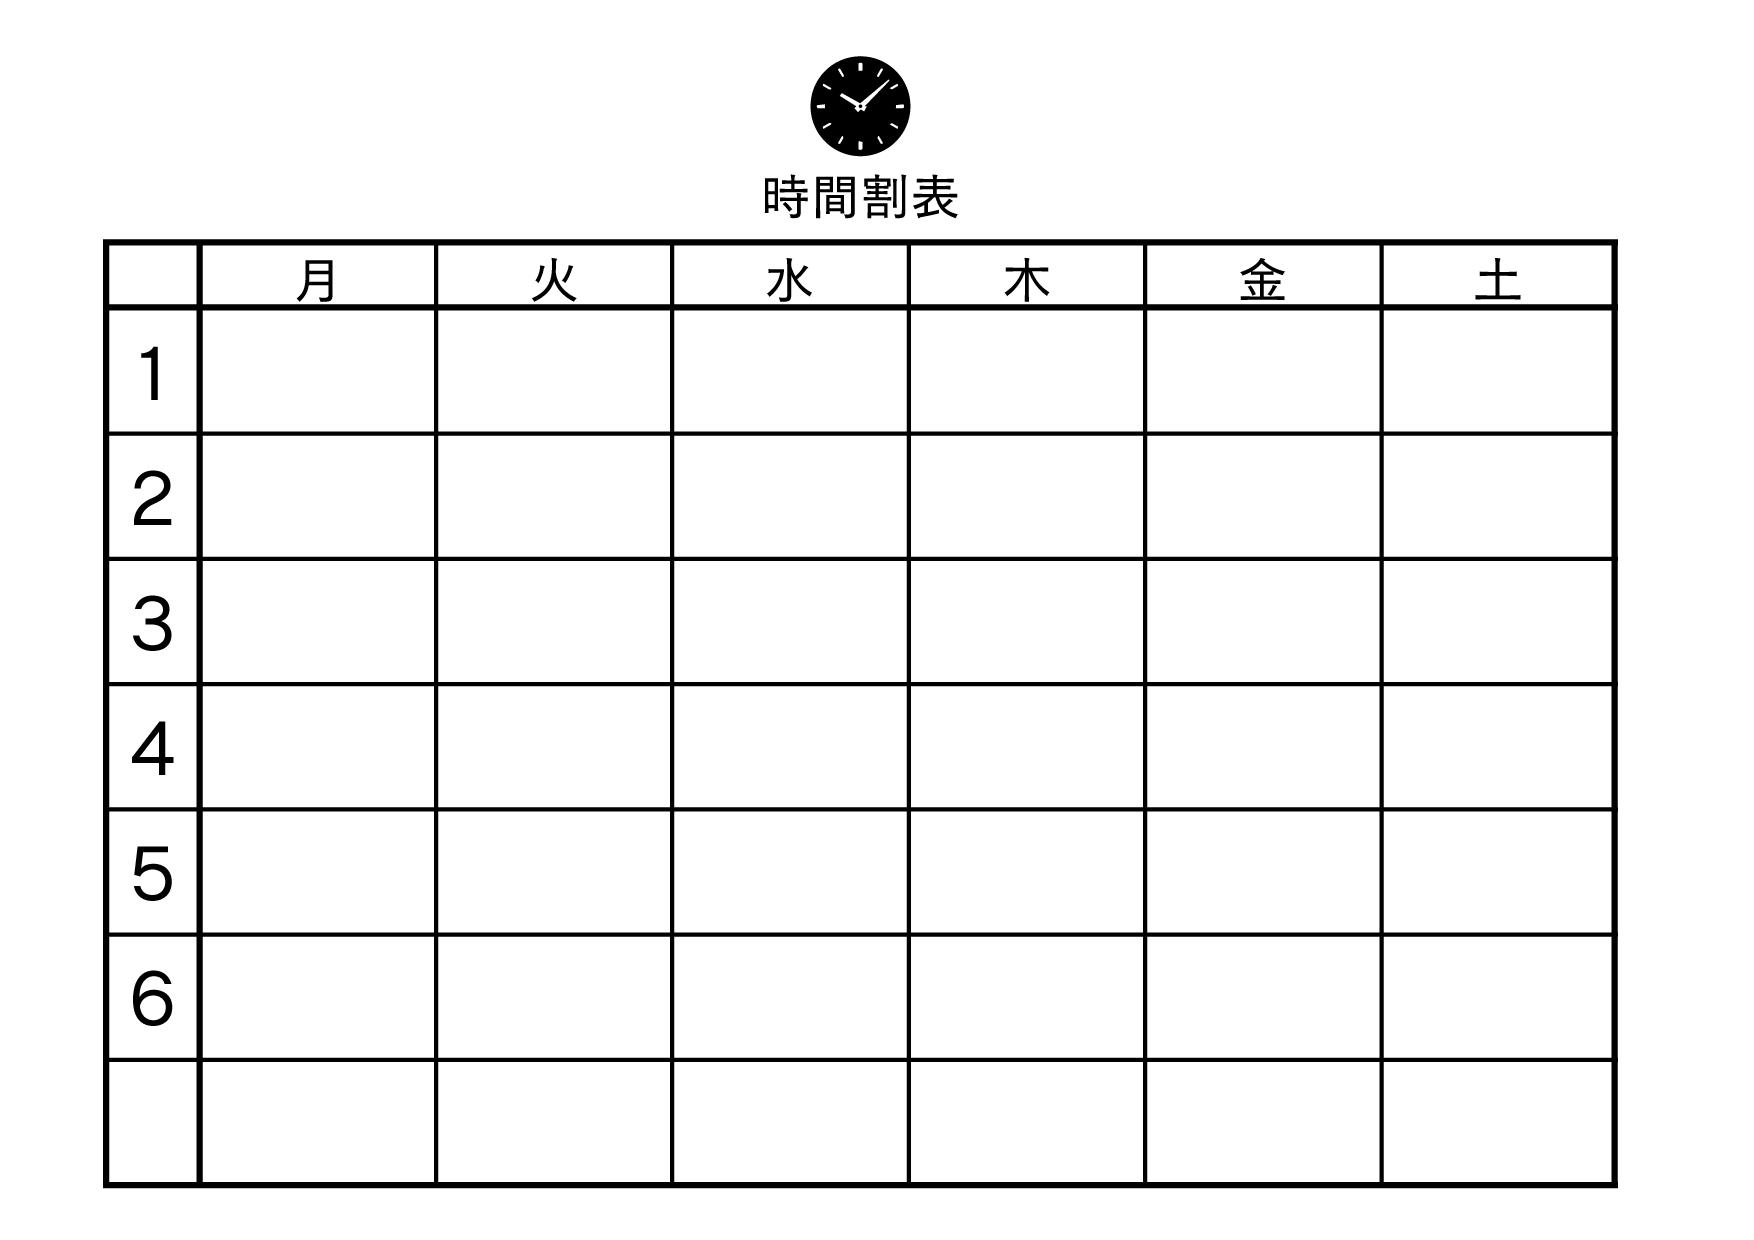 時間割表テンプレート白黒・縦型/高学年